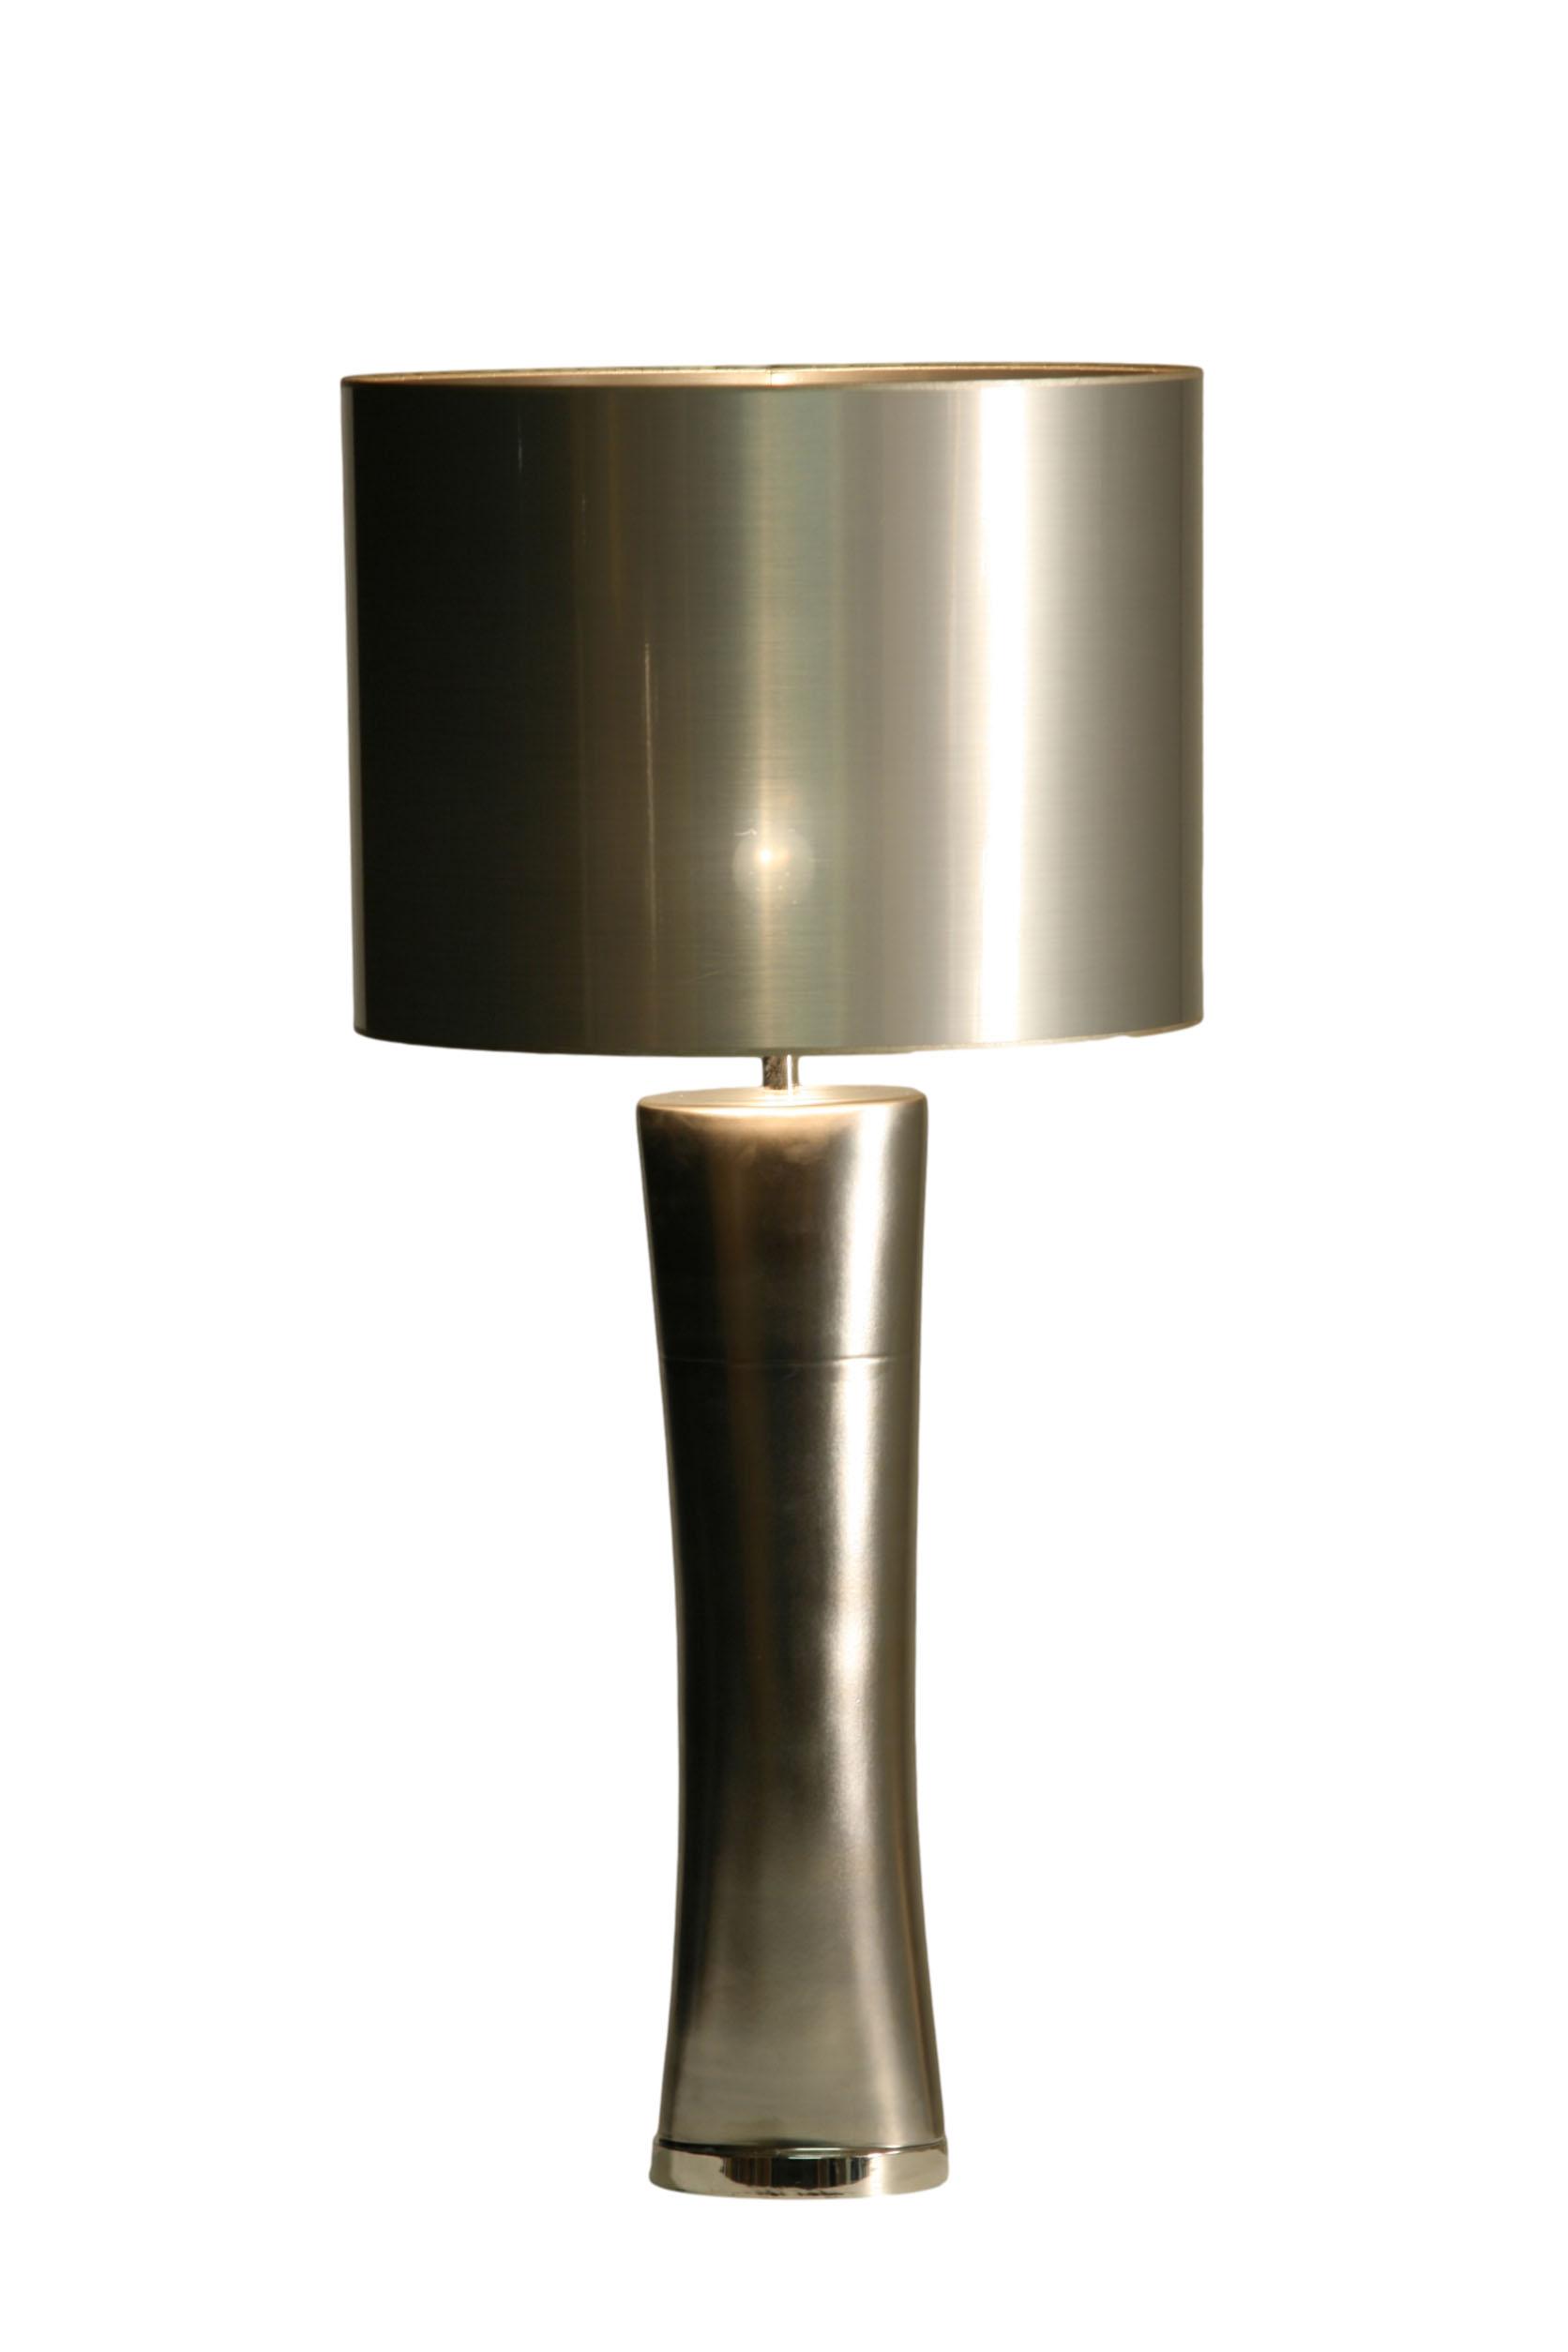 Stout Verlichting Collectie Sfeerfoto Tafellamp 40 cm